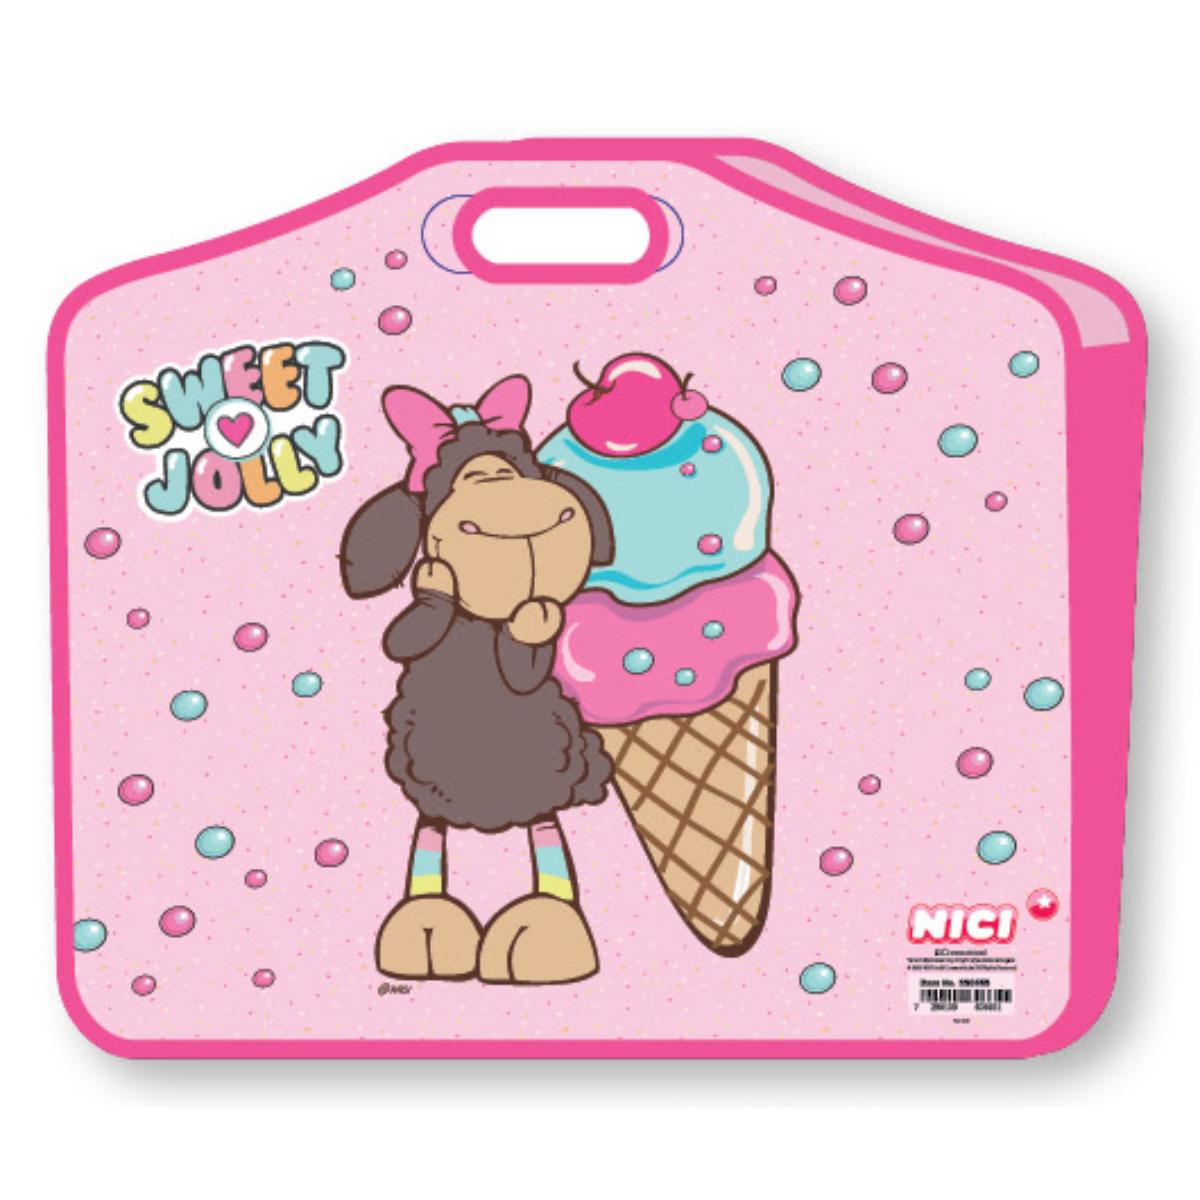 תיק ציור שמינית גיליון Nici ג'ולי גלידה